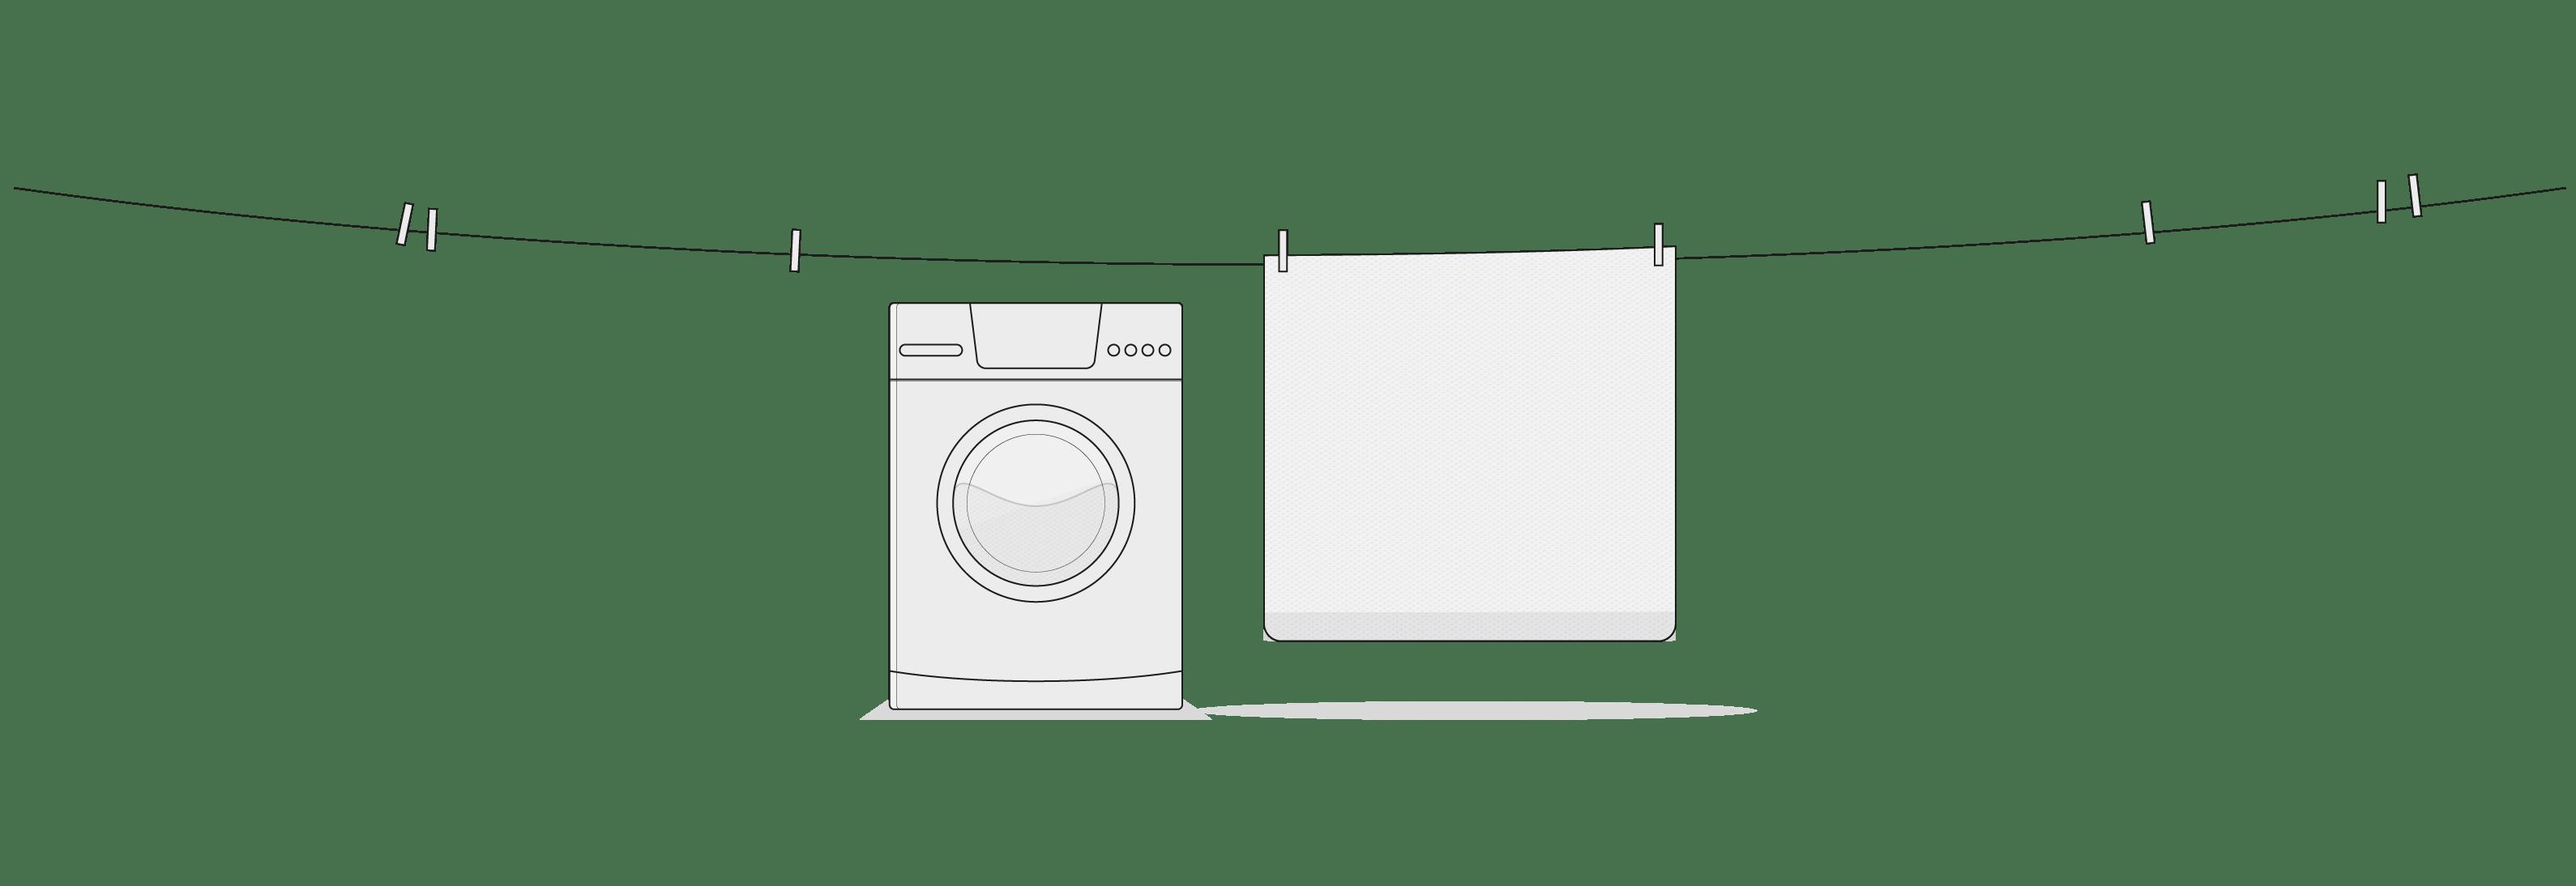 Ilustracja: Sznurek na pranie z kilkom klamerkami, na którym wisi pokrowiec funkcjonalny HyBreeze. Poniżej stoi pralka automatyczna.